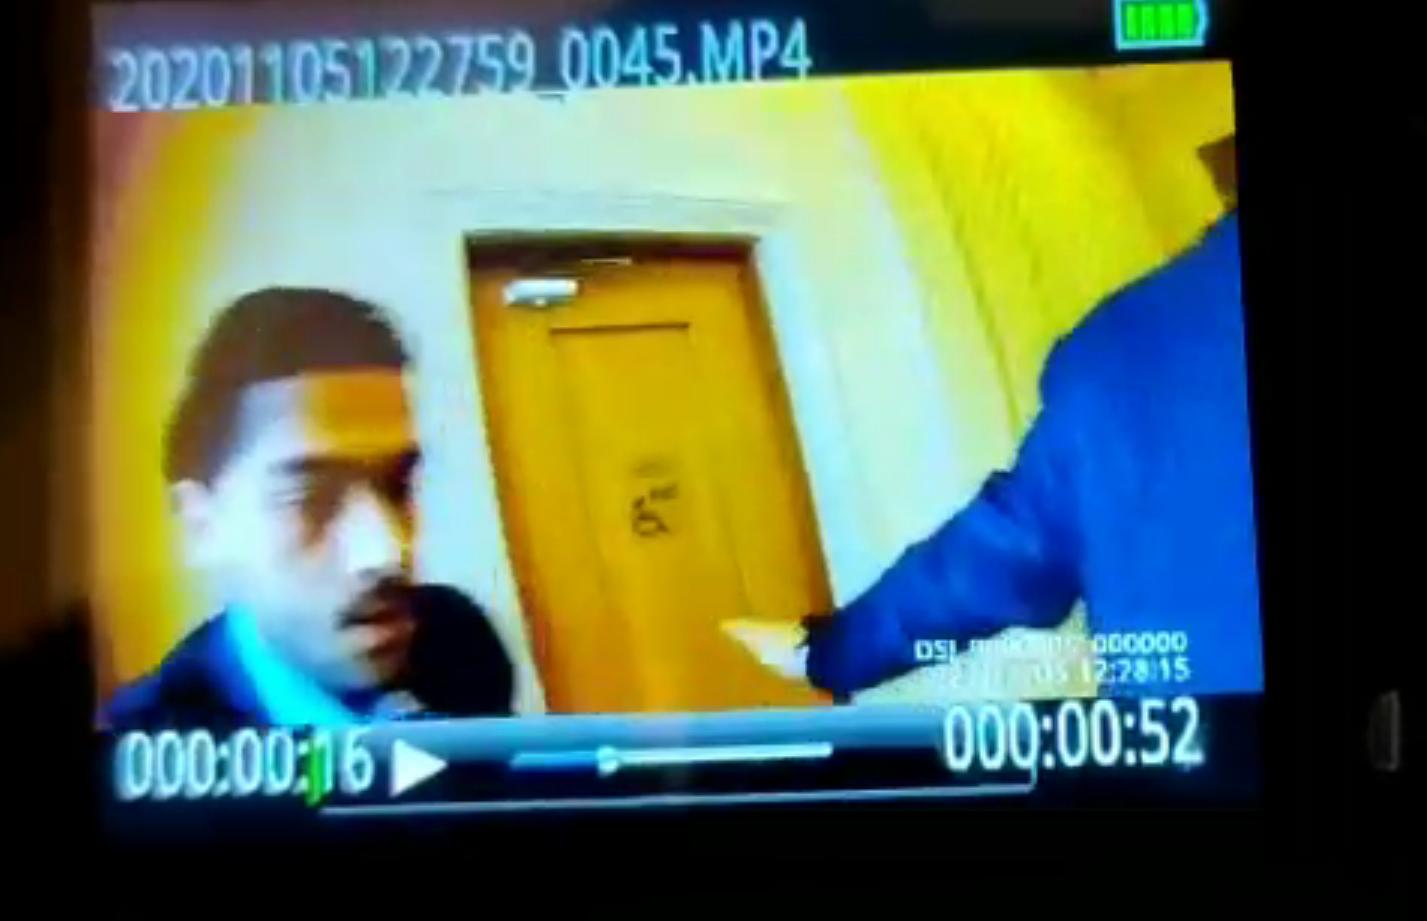 Депутаты Лерос и Юрченко после ссоры подрались в Раде, у нардепа разбито лицо: видео слили в Сеть